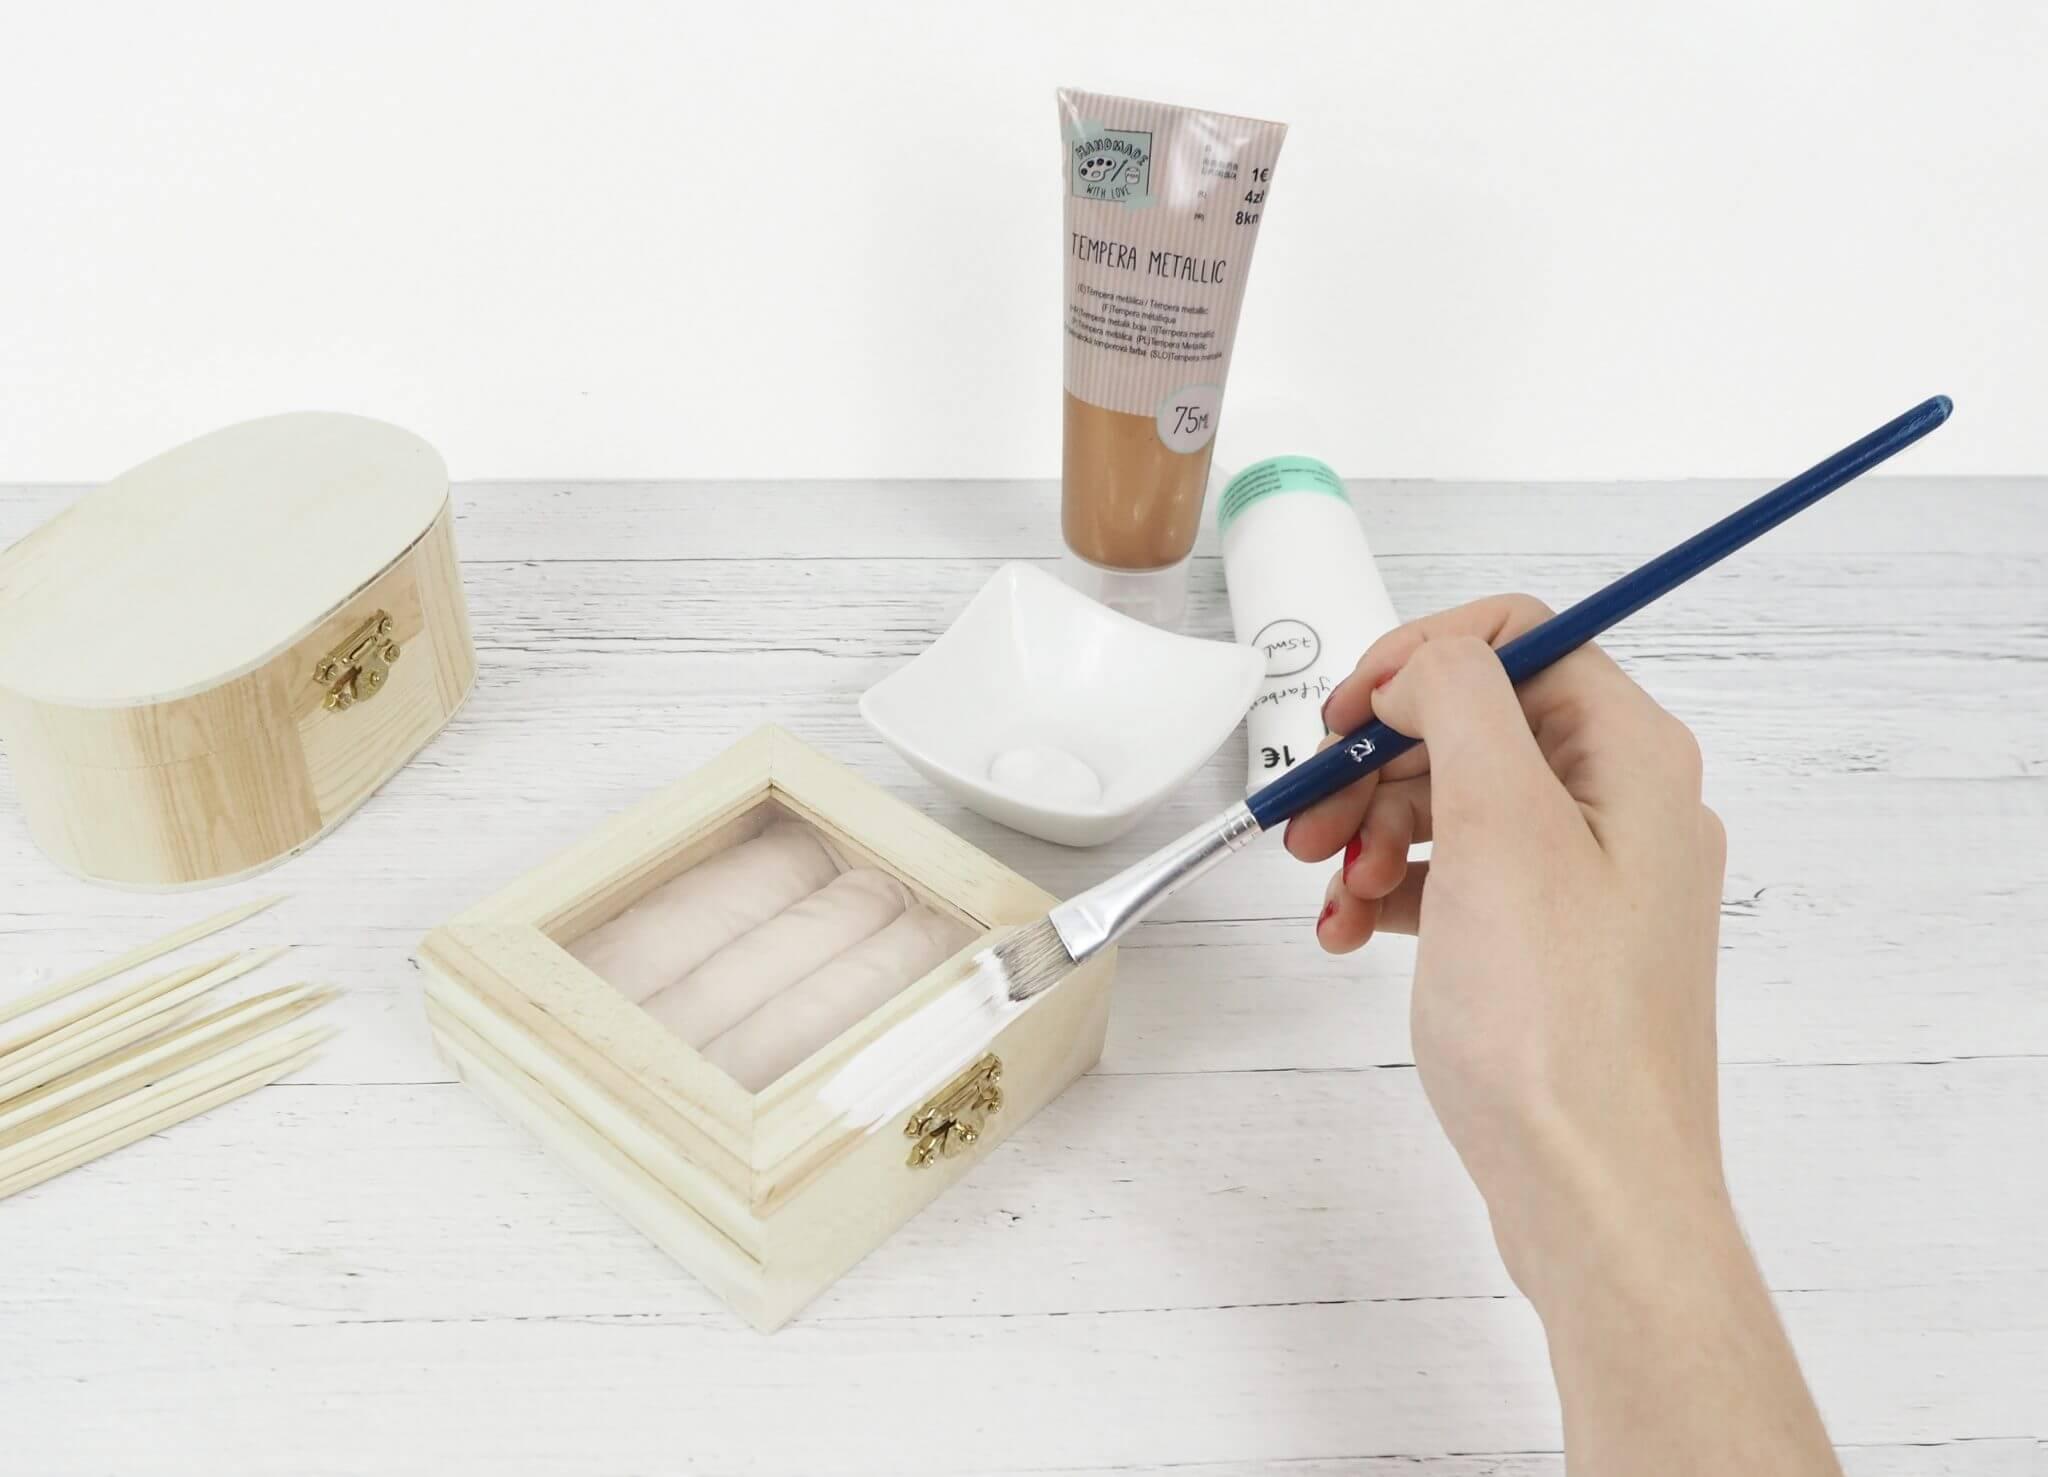 Schmuckkästchen wird mit weißer Acrylfarbe angemalt